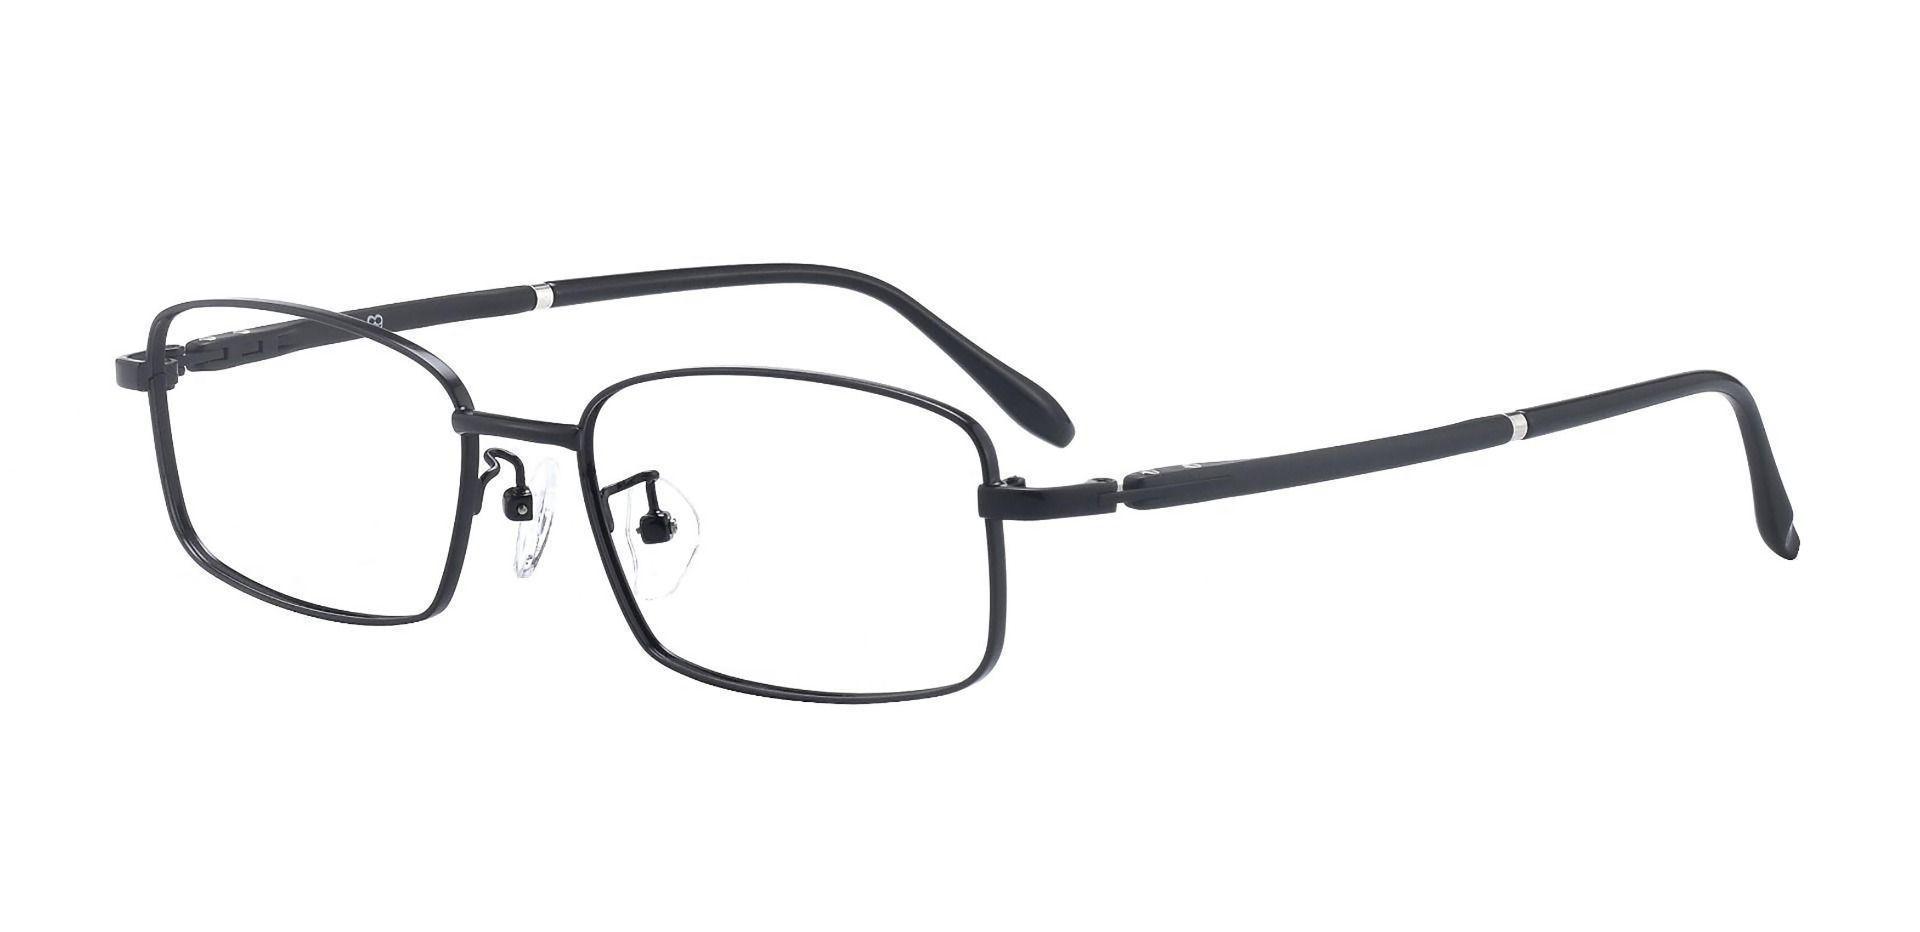 Press Rectangle Prescription Glasses - Black